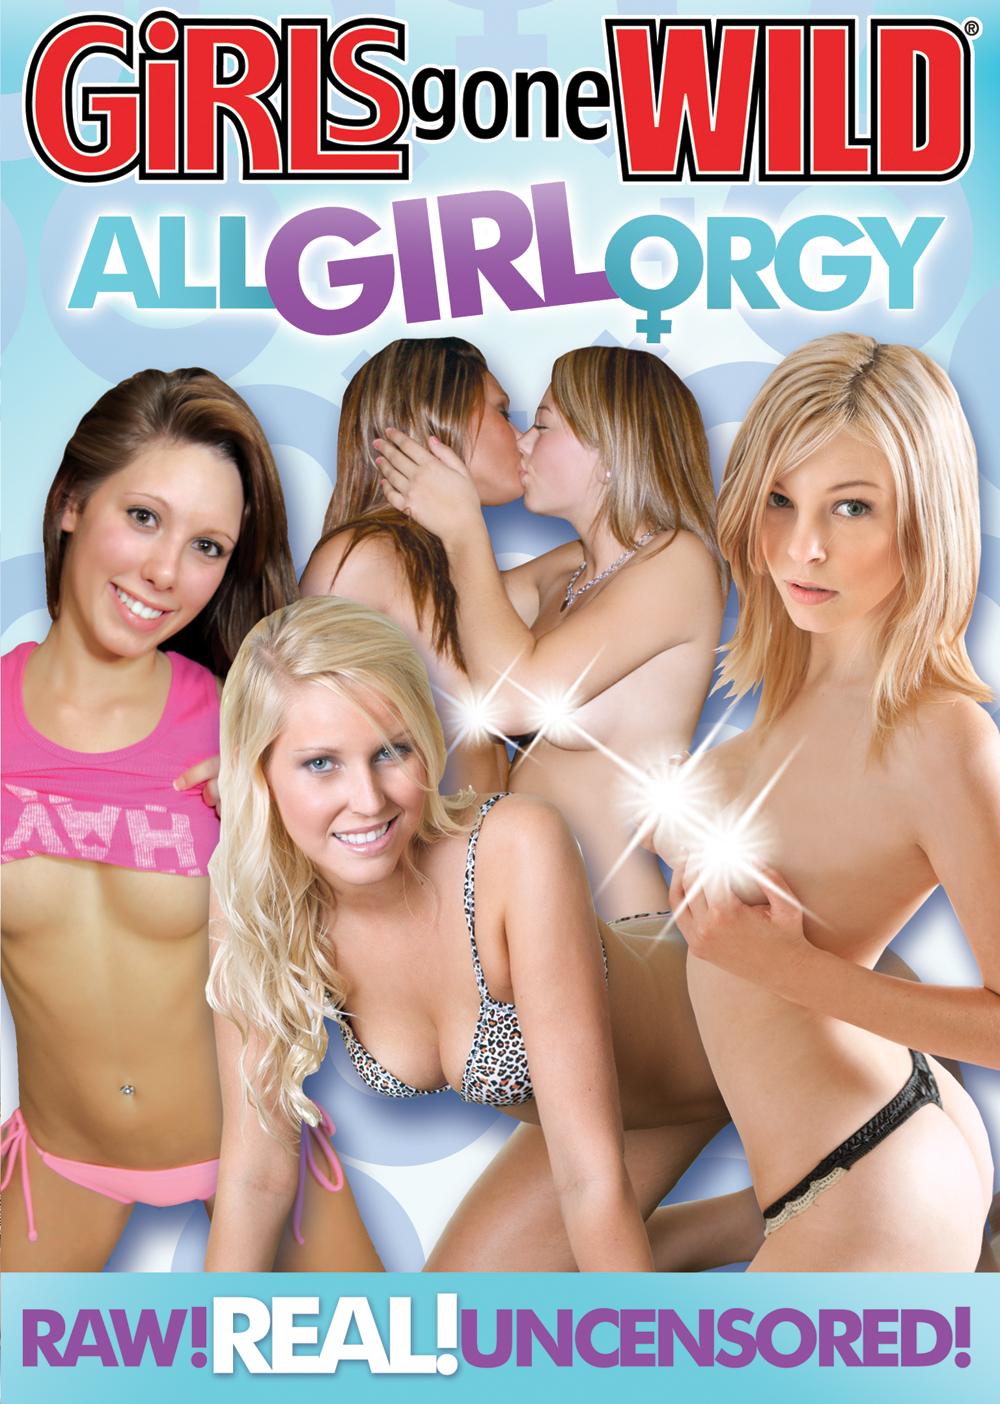 Girls Gone Wild: All Girl Orgy